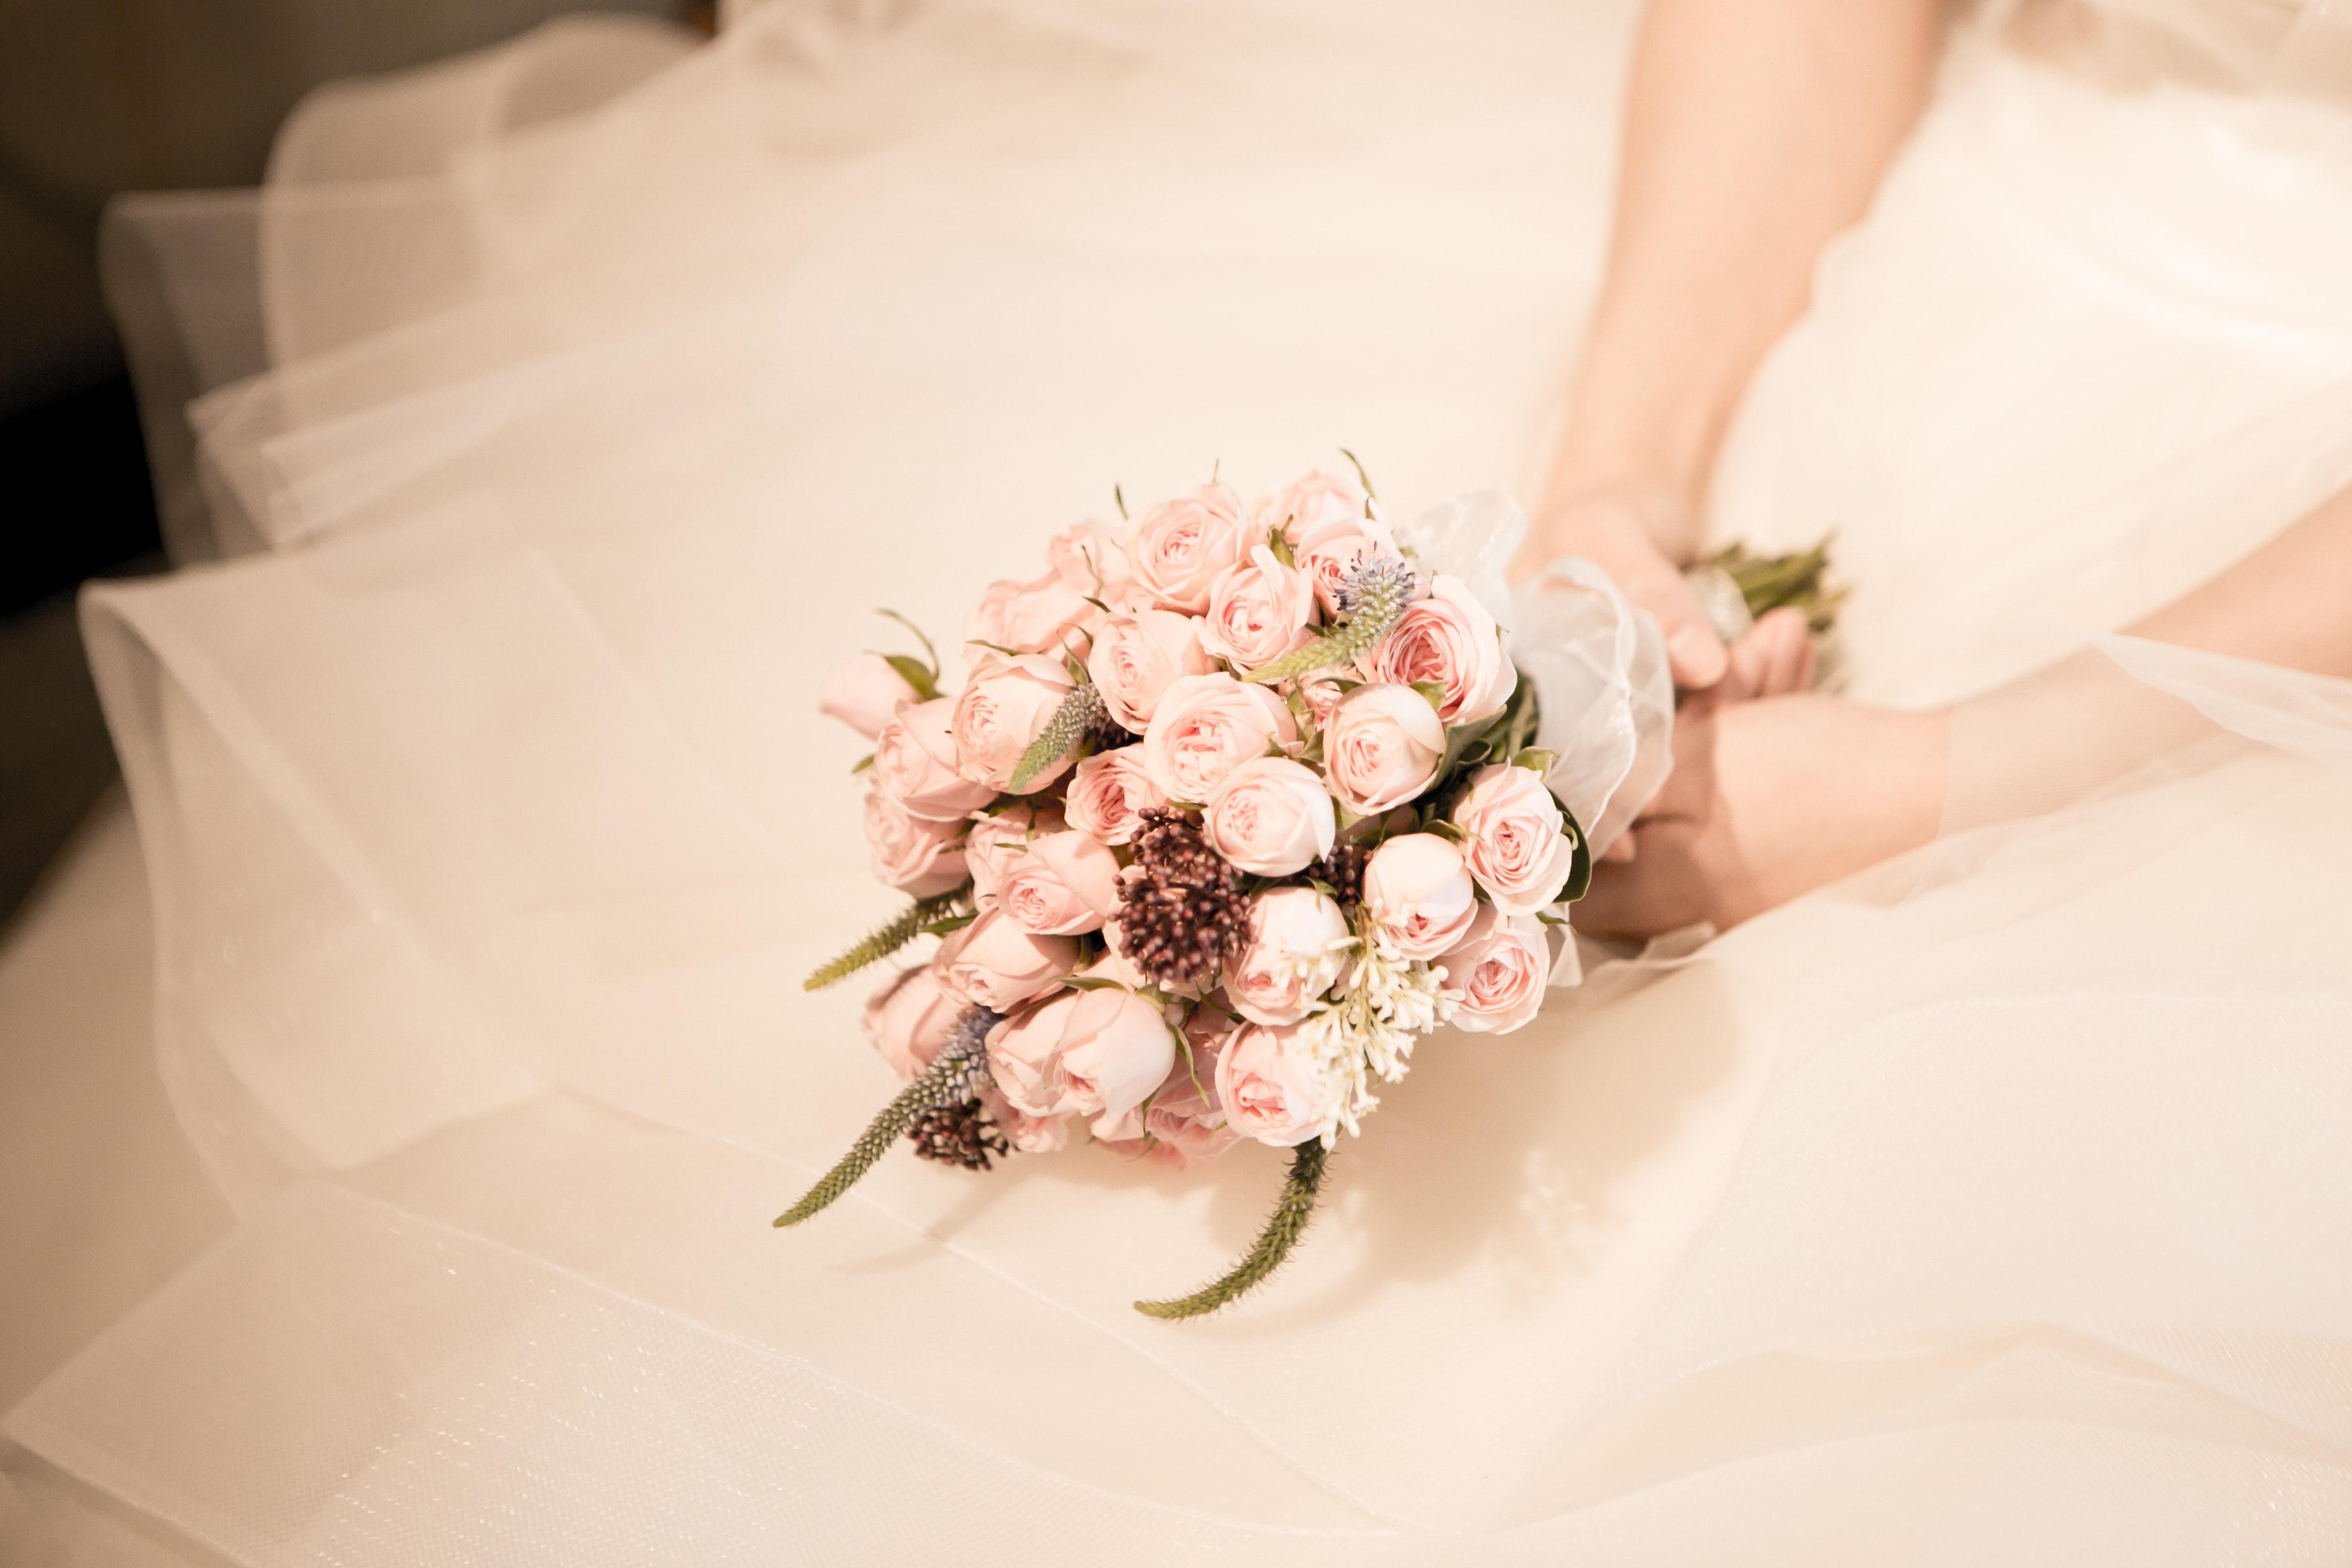 アラフォー女性が結婚しづらいのは事実?